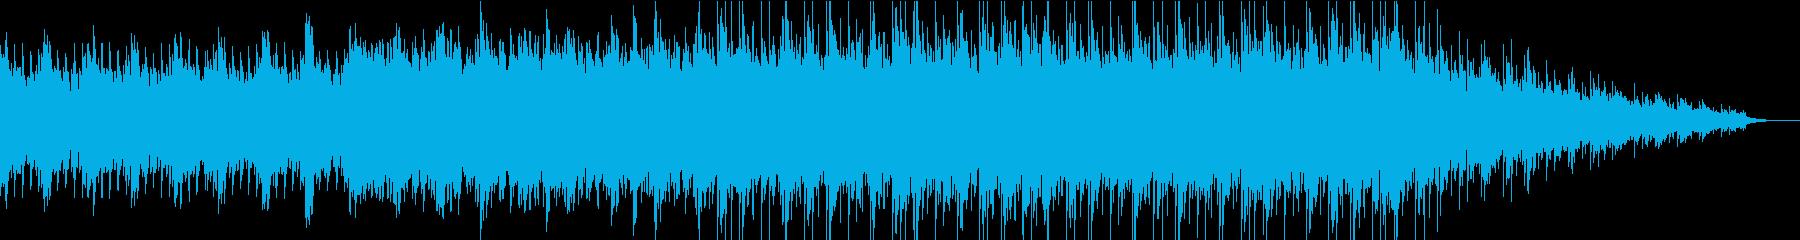 爽やかな響きのアンビエントなpianoの再生済みの波形